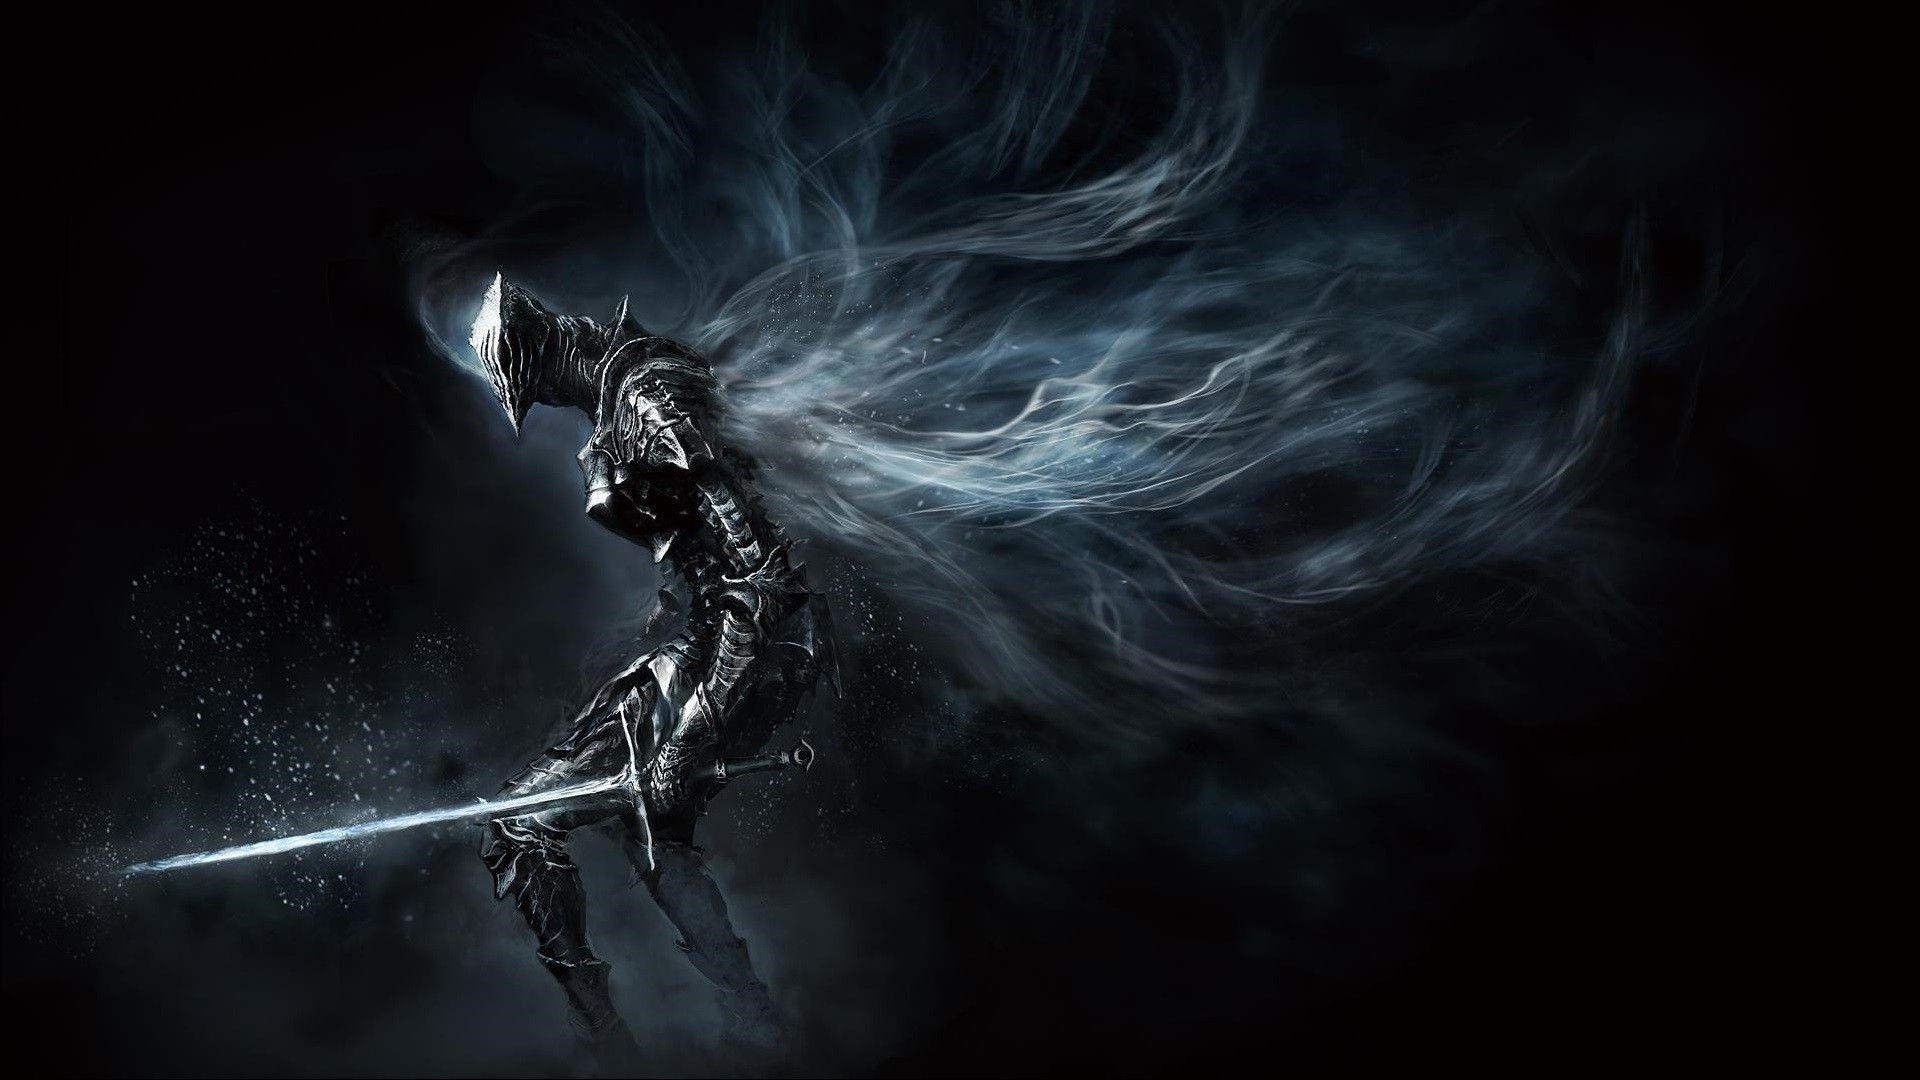 Res 1920x1080 Dark Souls Dark Souls Iii Video Games